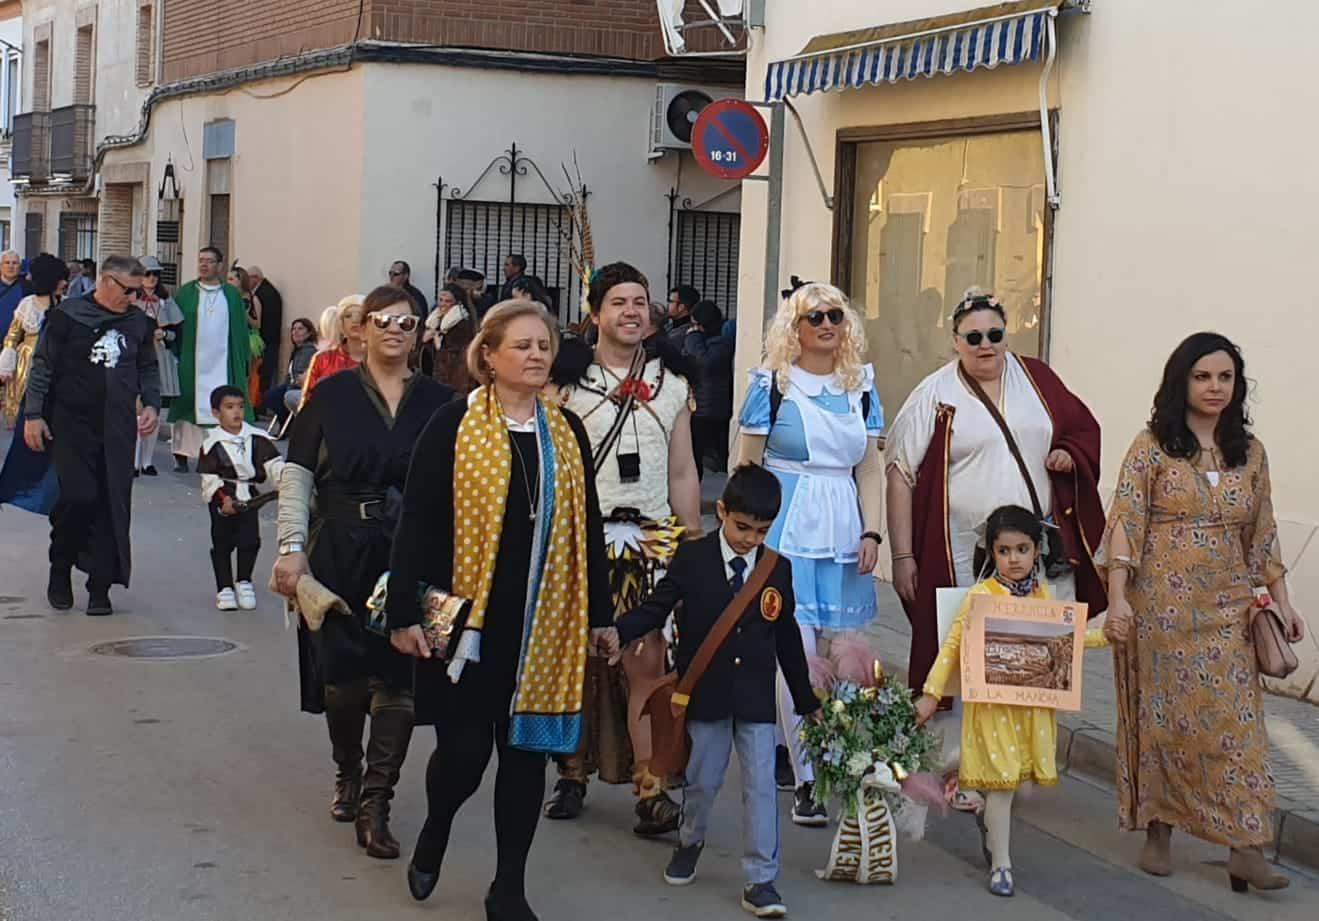 cristina lopez diputada nacional carnaval herencia 2 - La diputada del PSOE, Cristina López, visitó el Carnaval de Herencia y a sus agricultores